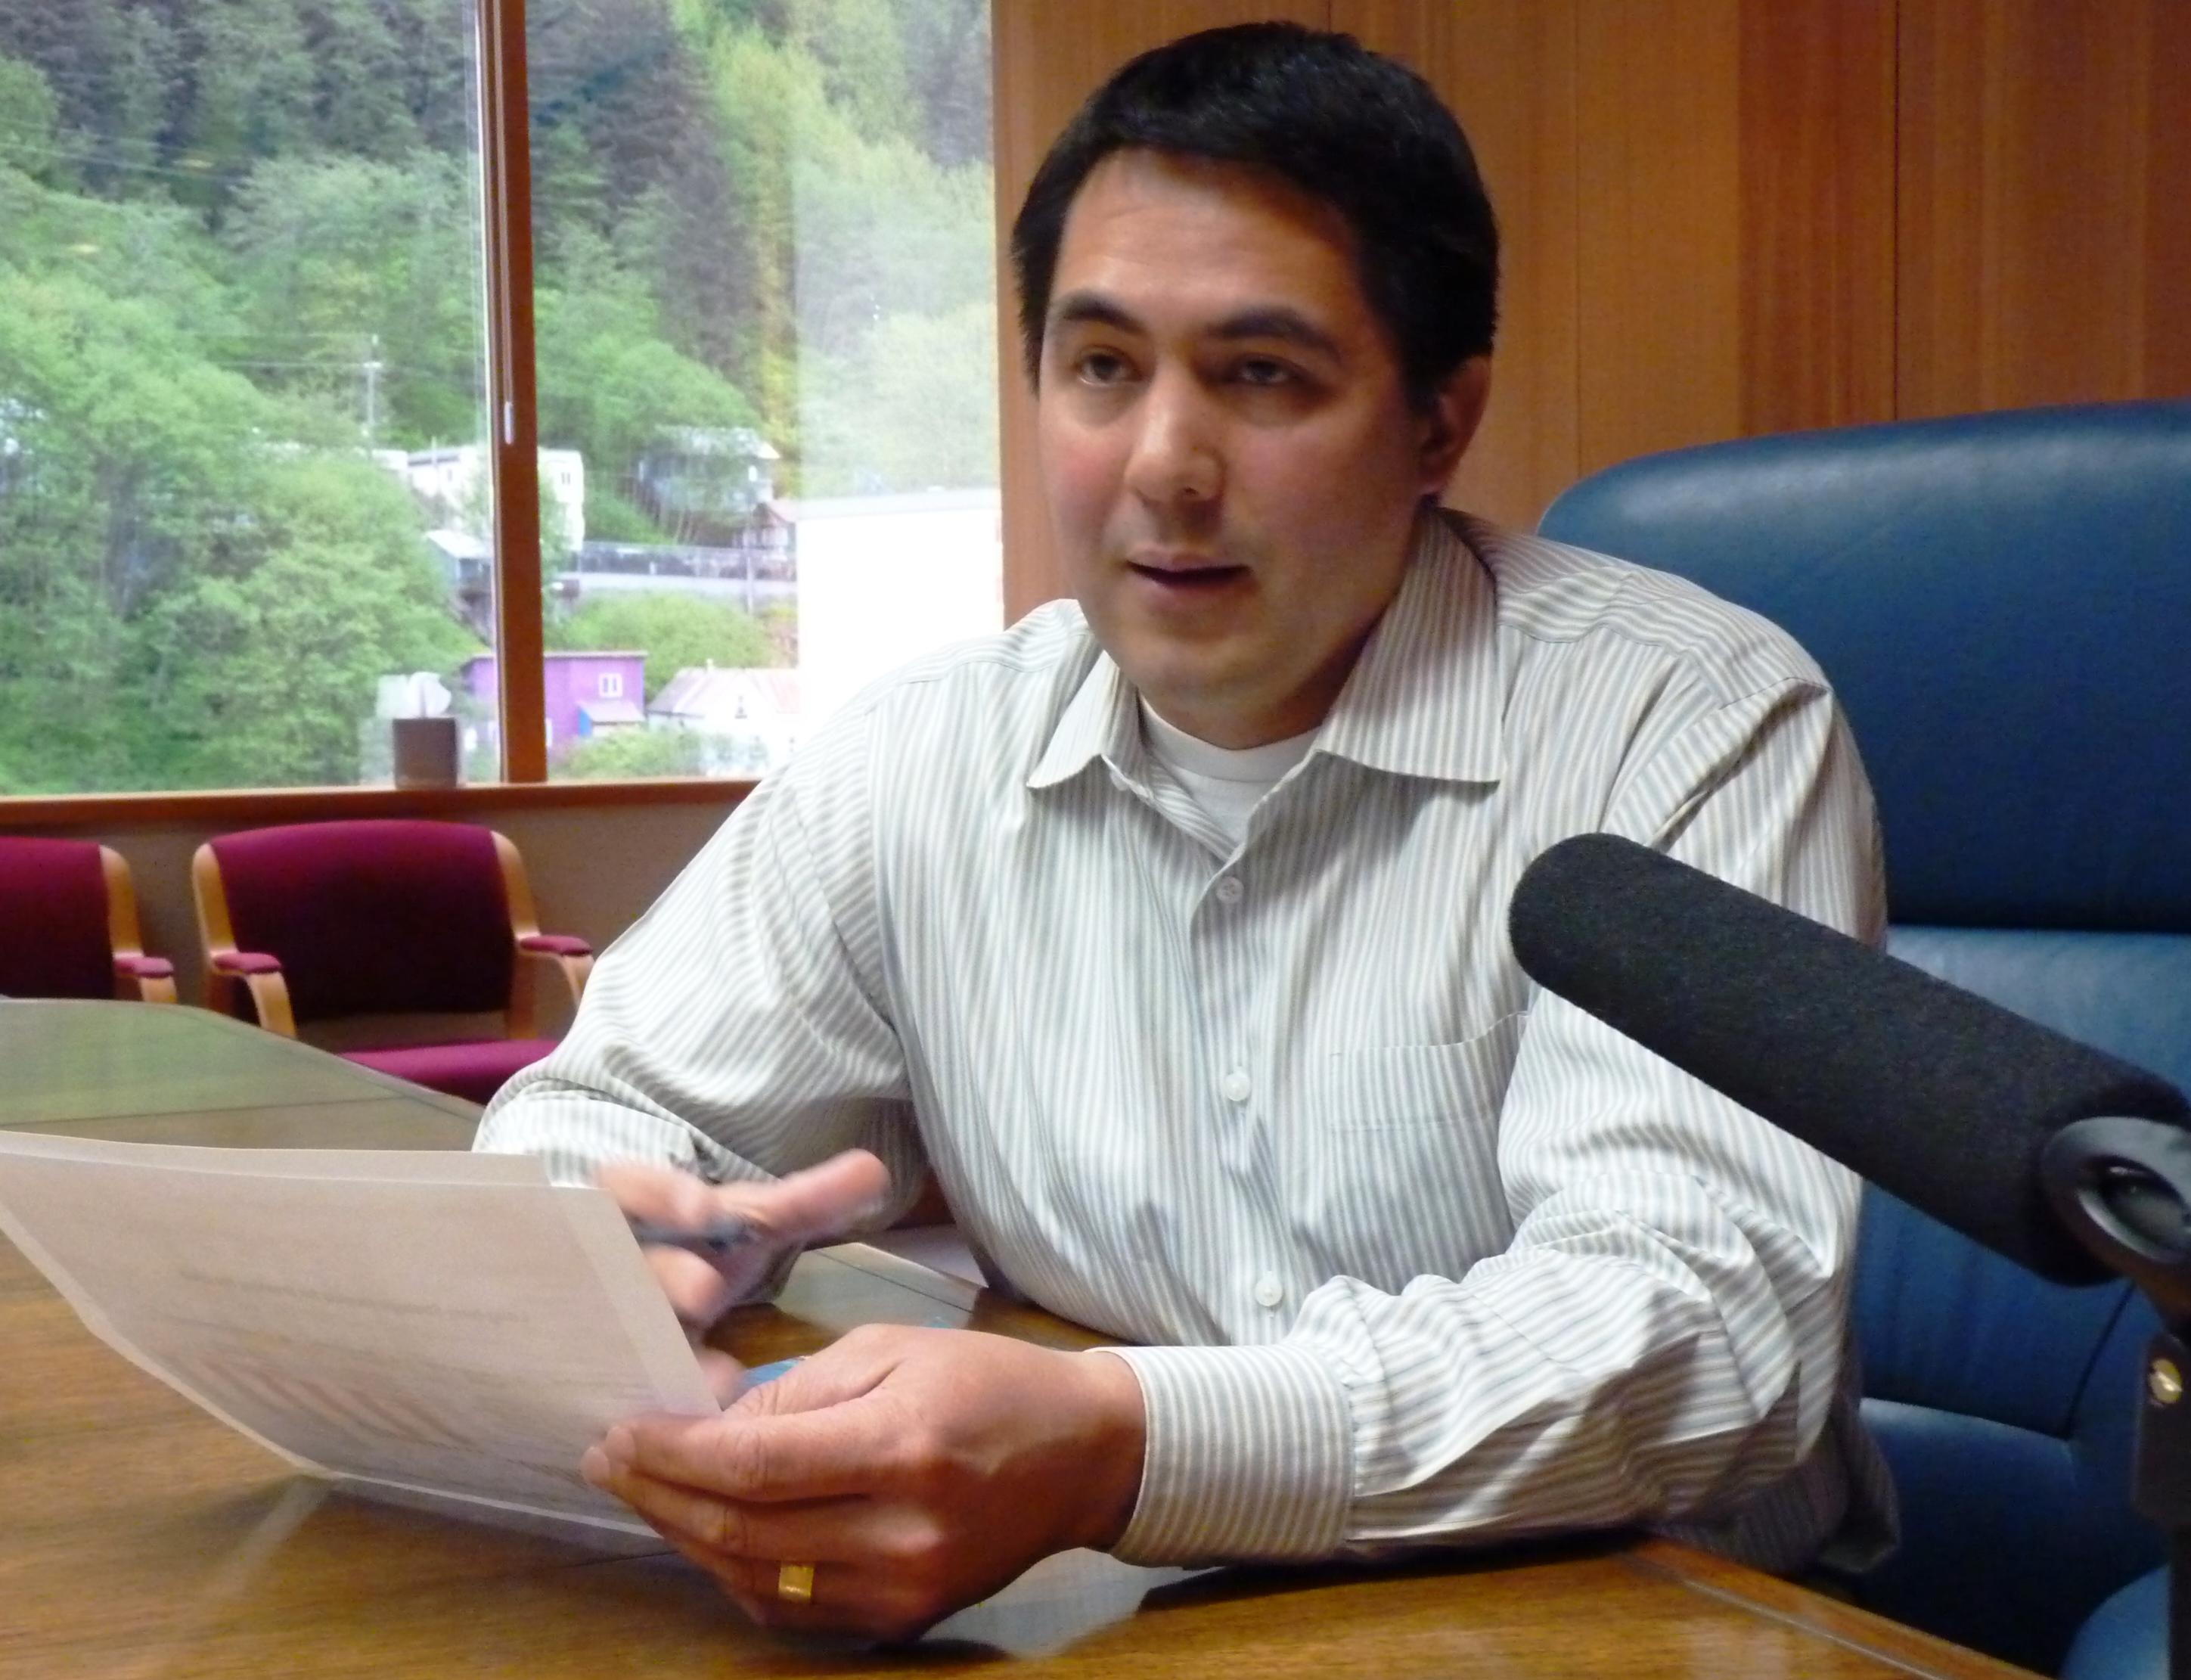 Sealaska finances improve, but losses continue